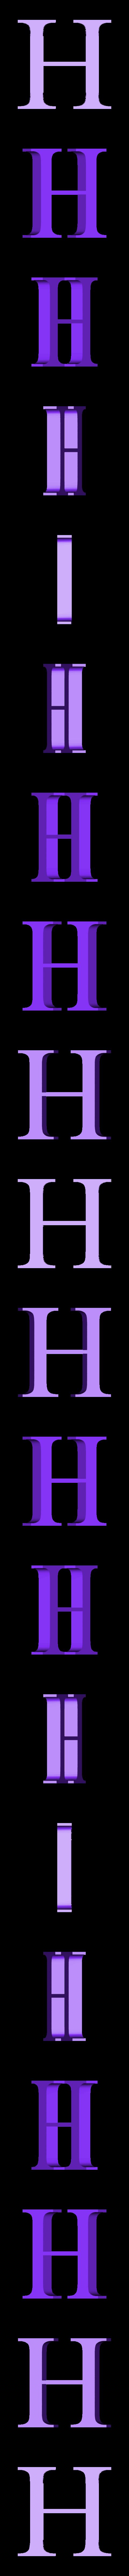 H.STL Télécharger fichier STL gratuit alphabet • Modèle pour imprimante 3D, Cerega